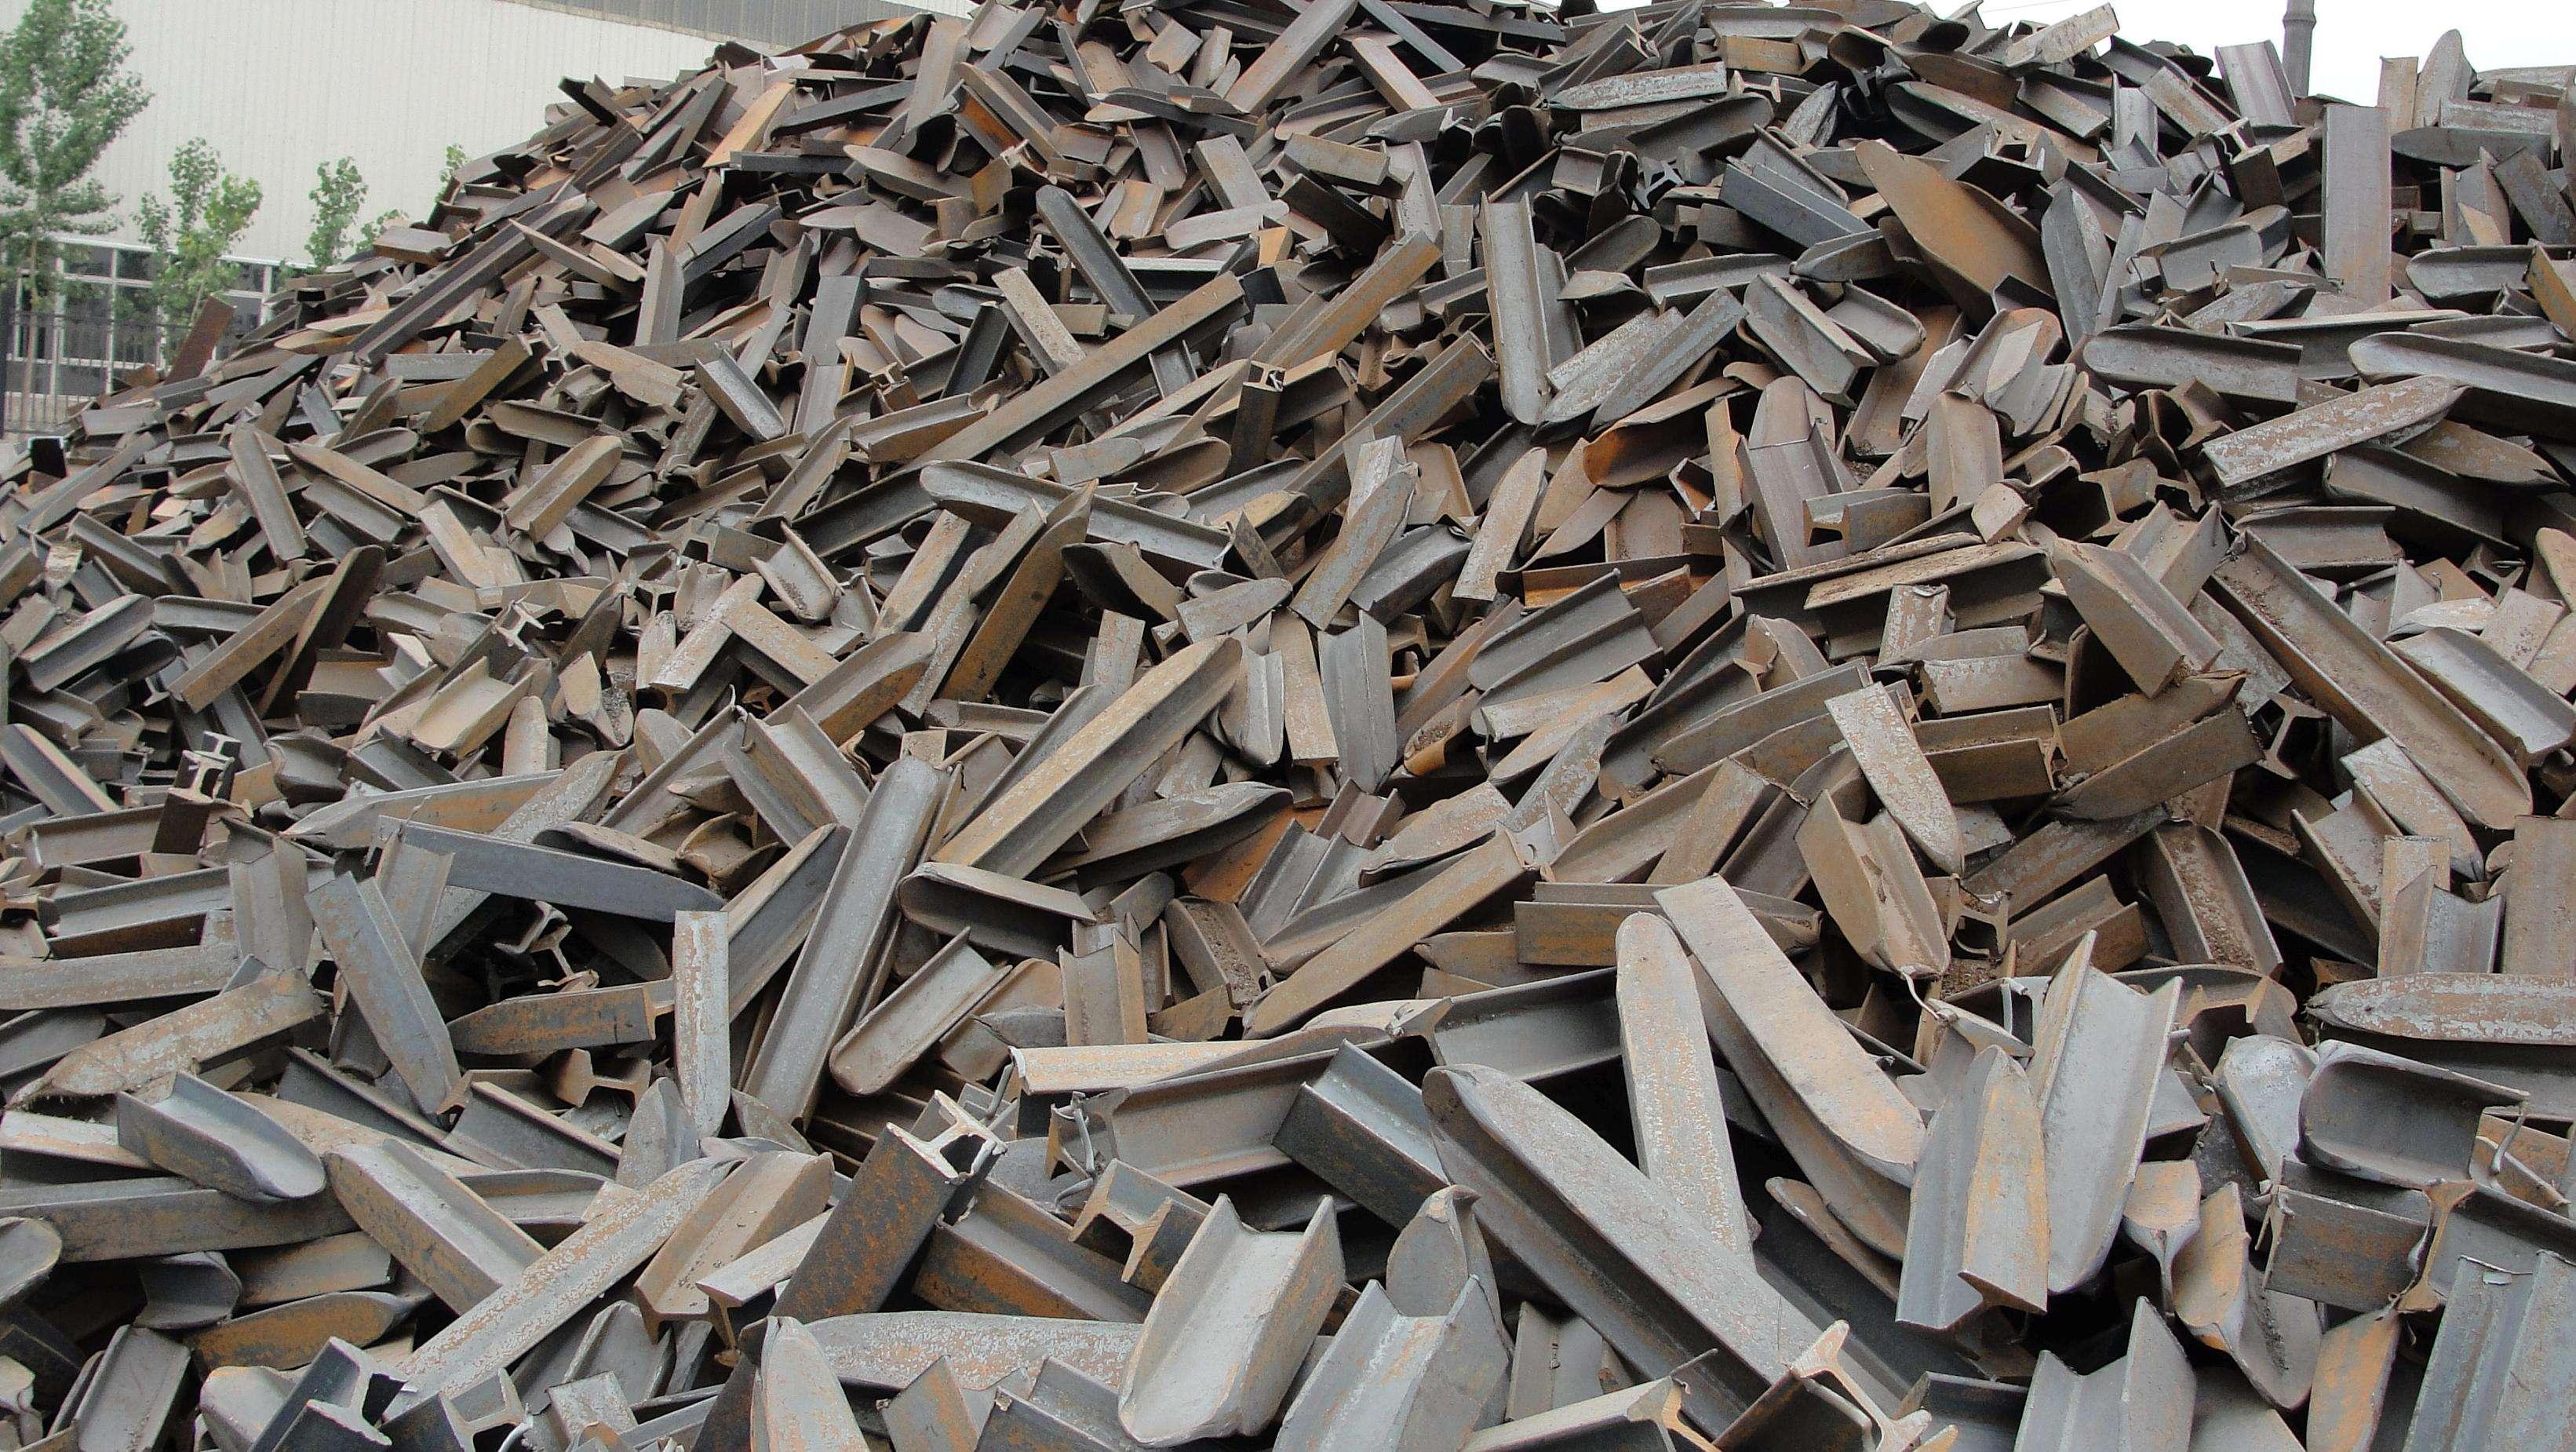 废旧物资回收行业逐步上升